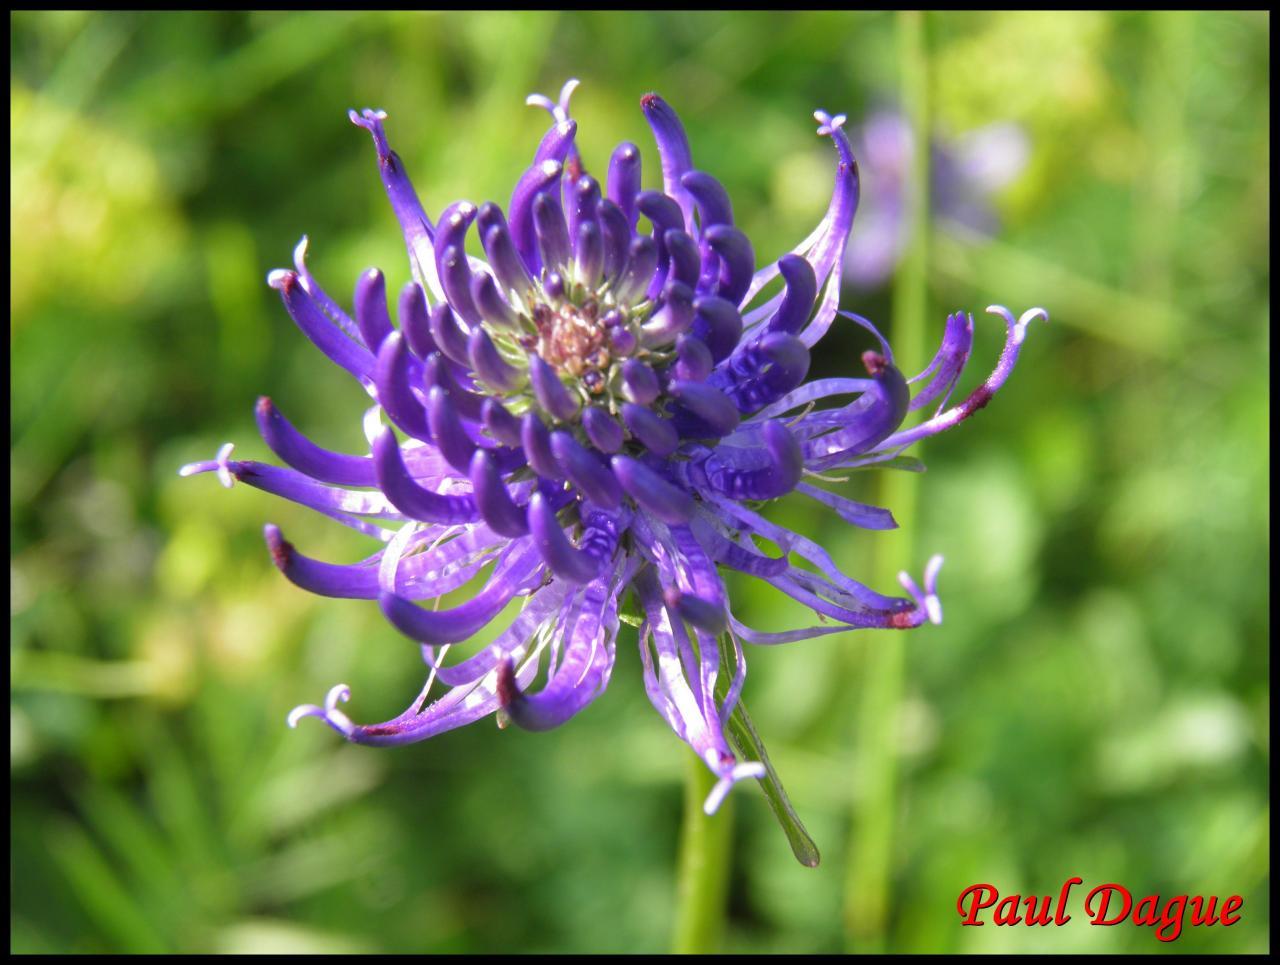 fleurs violettes à symétrie bilatérale